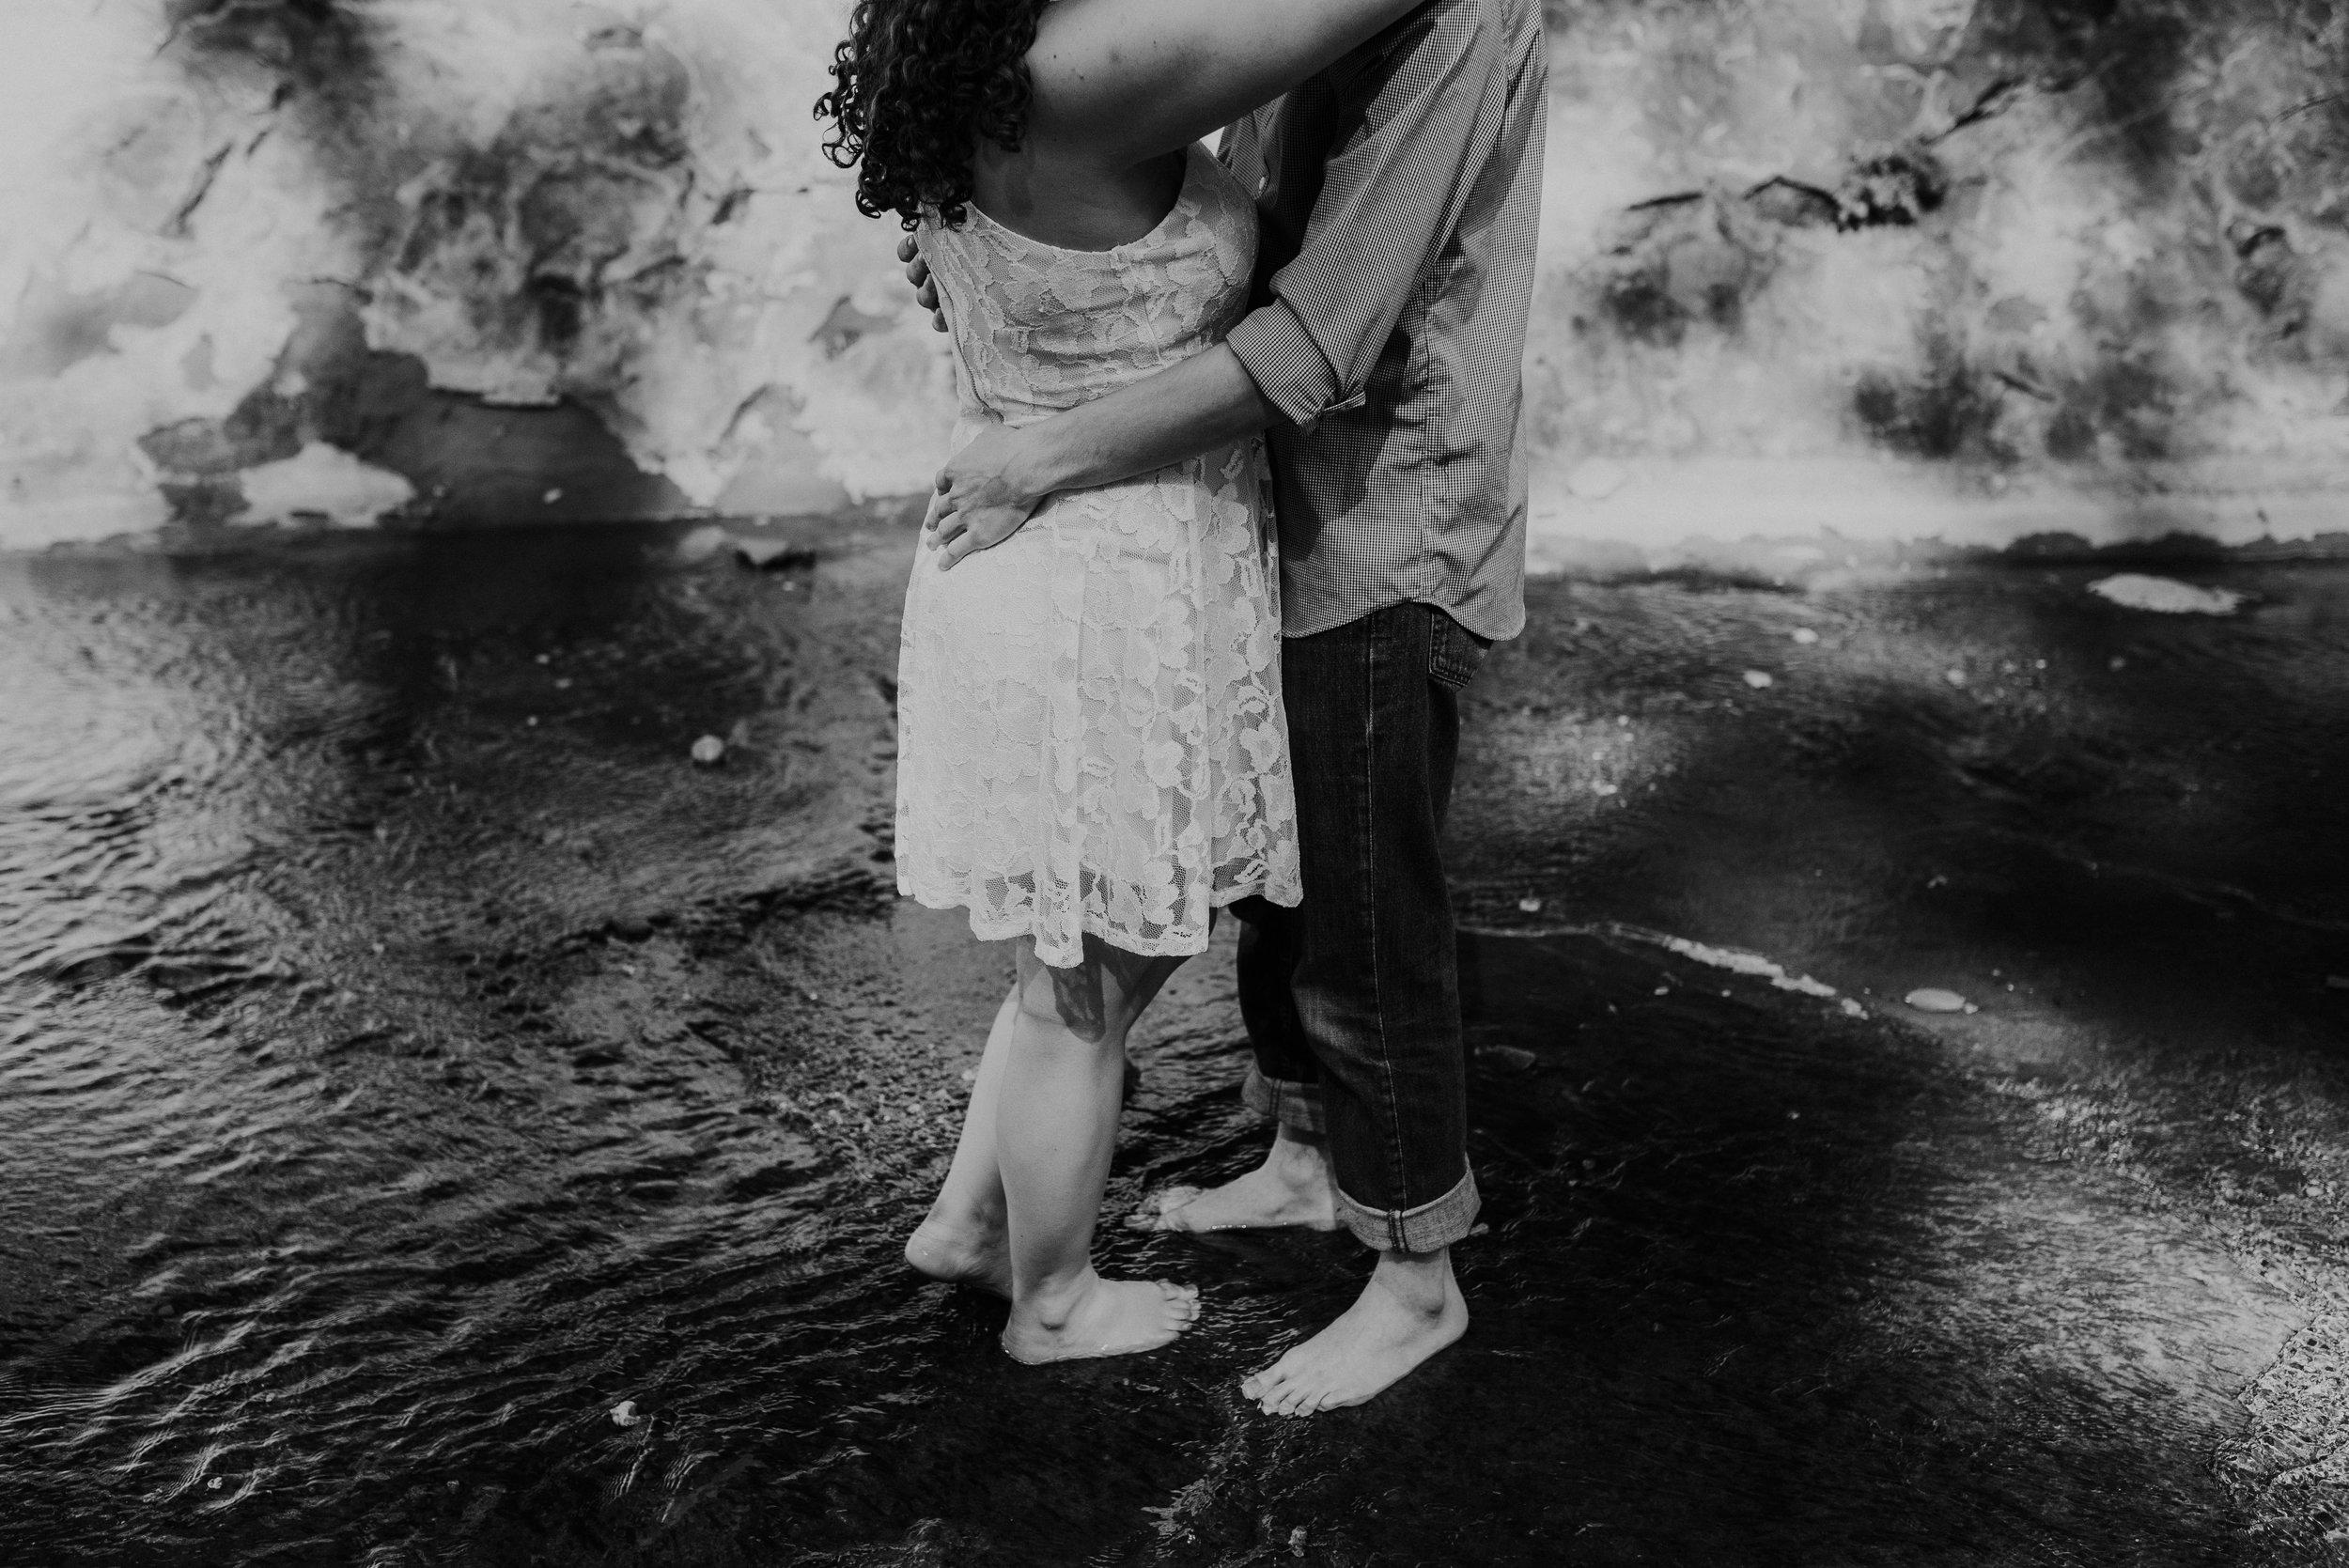 Brie+TaylorEngagement_AlyssaRyanPhoto-144.jpg